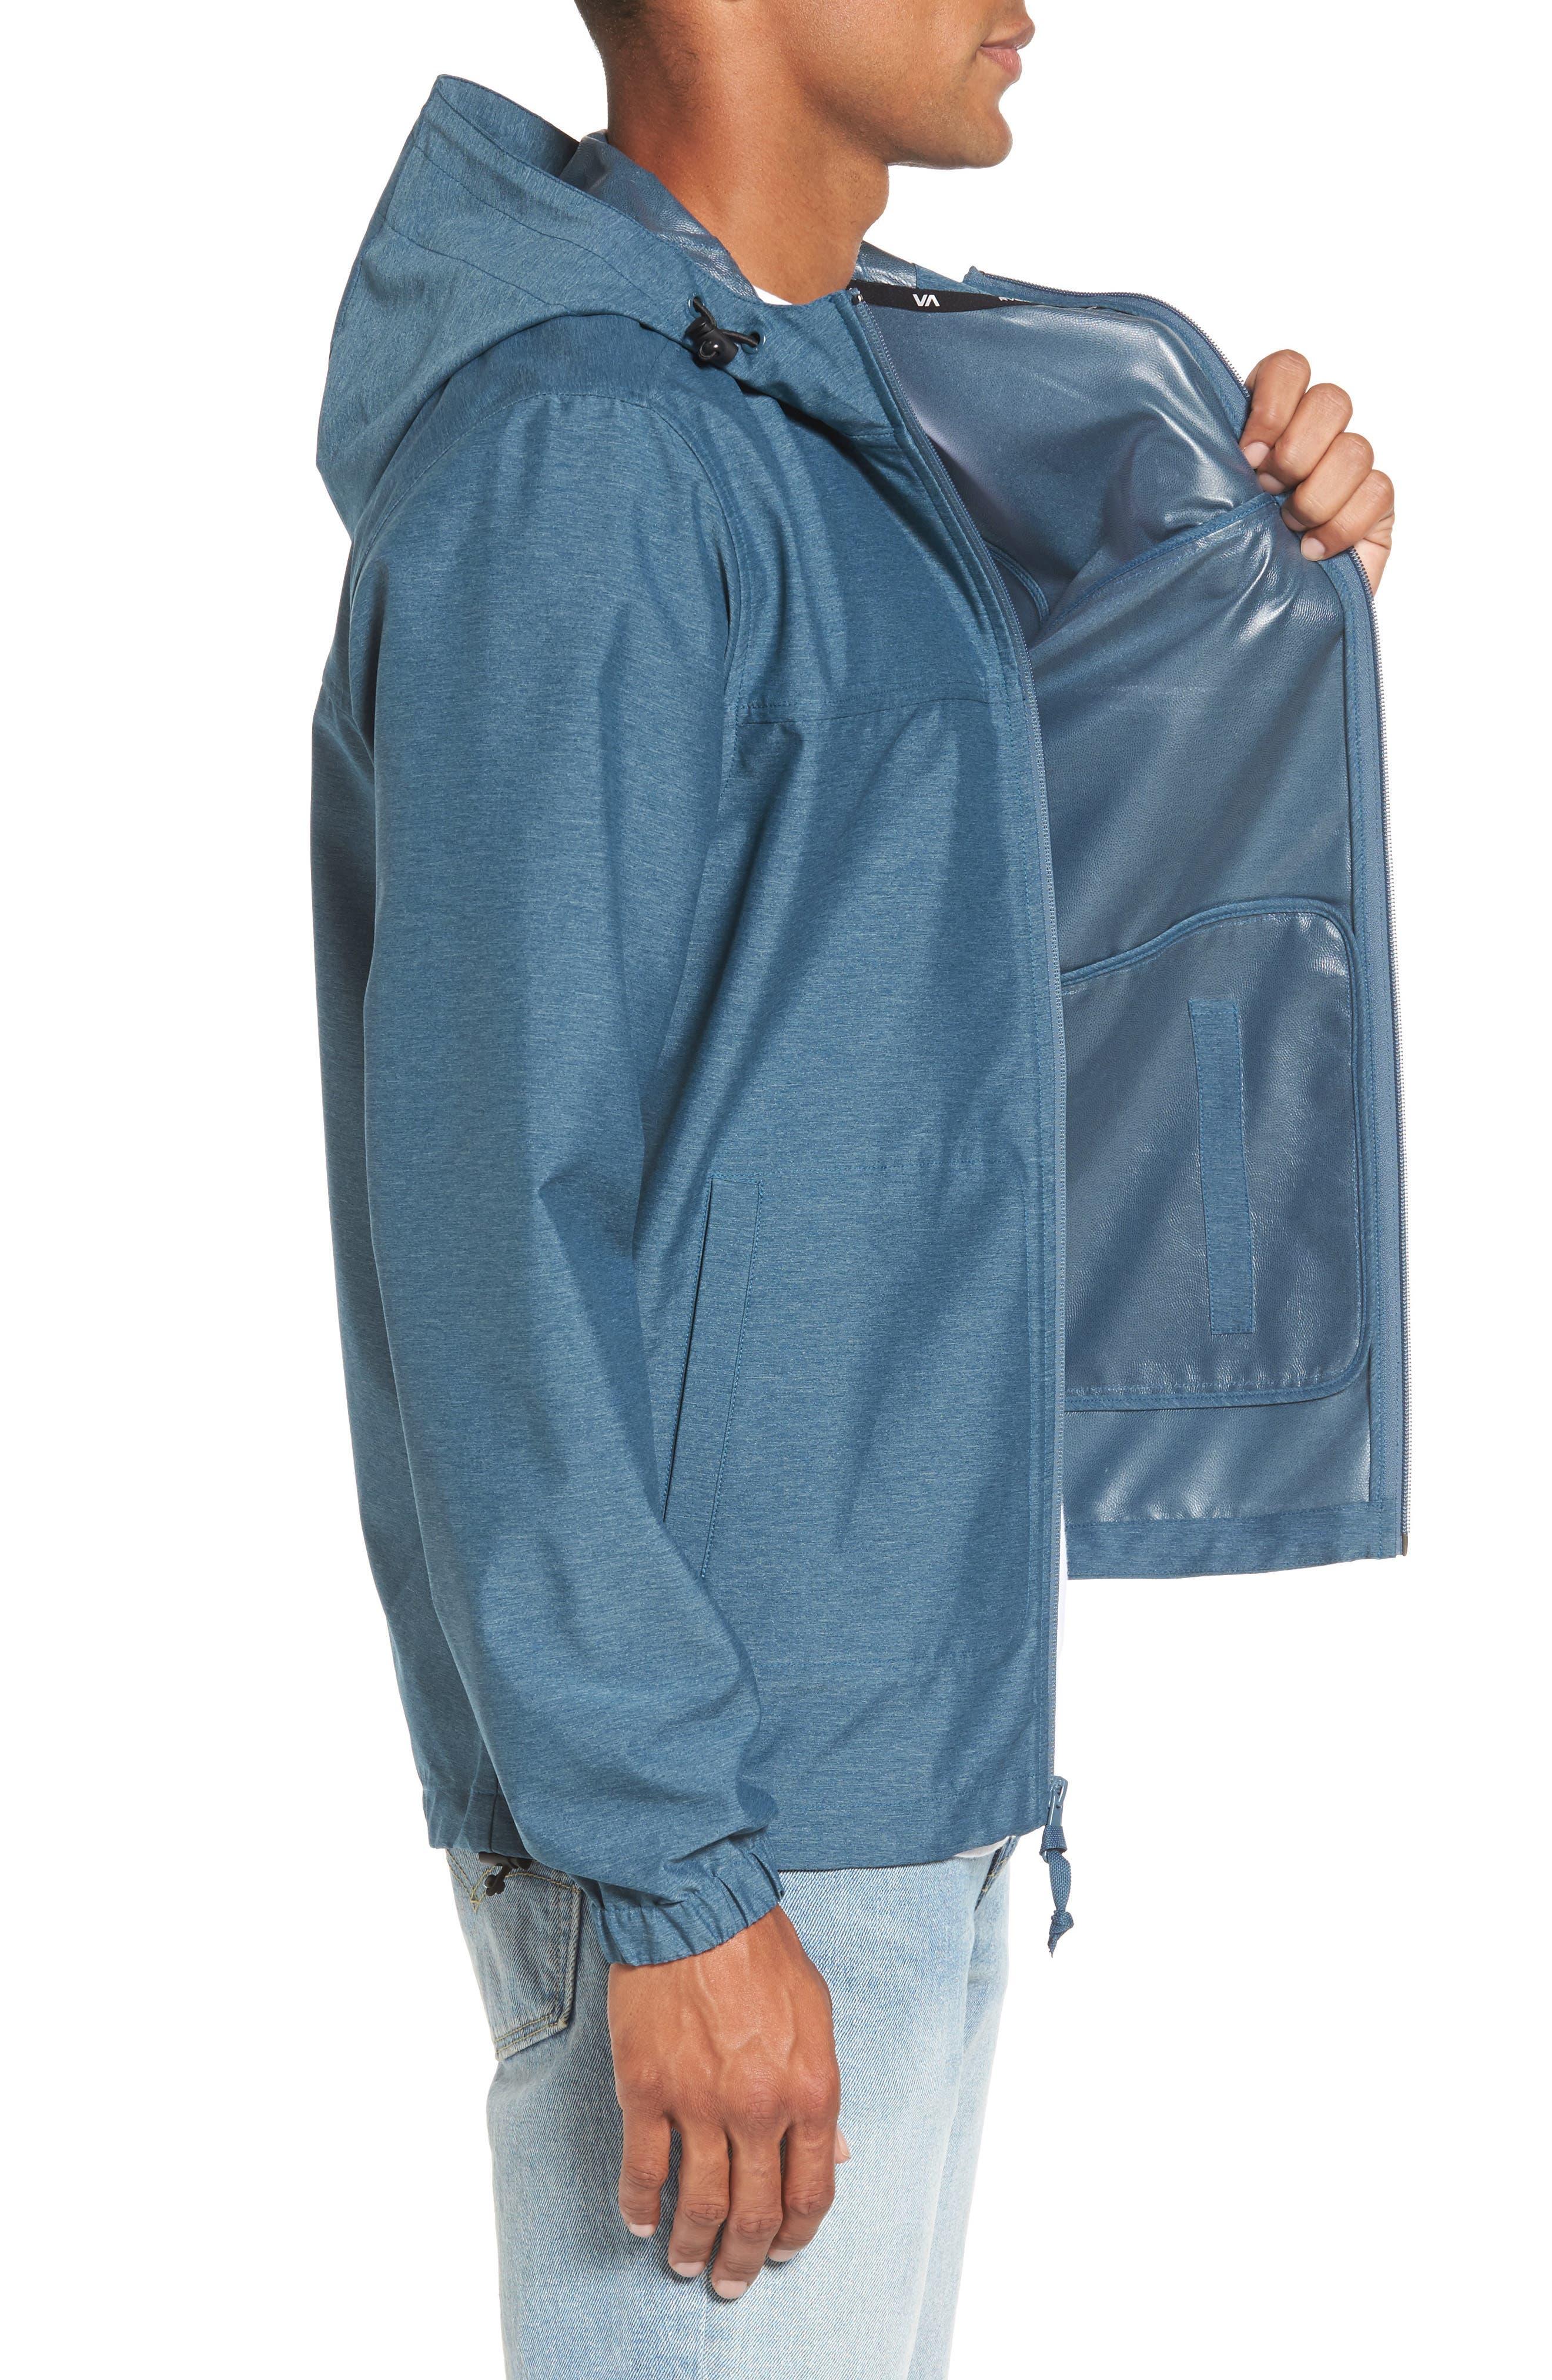 Steep Sport Jacket,                             Alternate thumbnail 3, color,                             Desert Blue